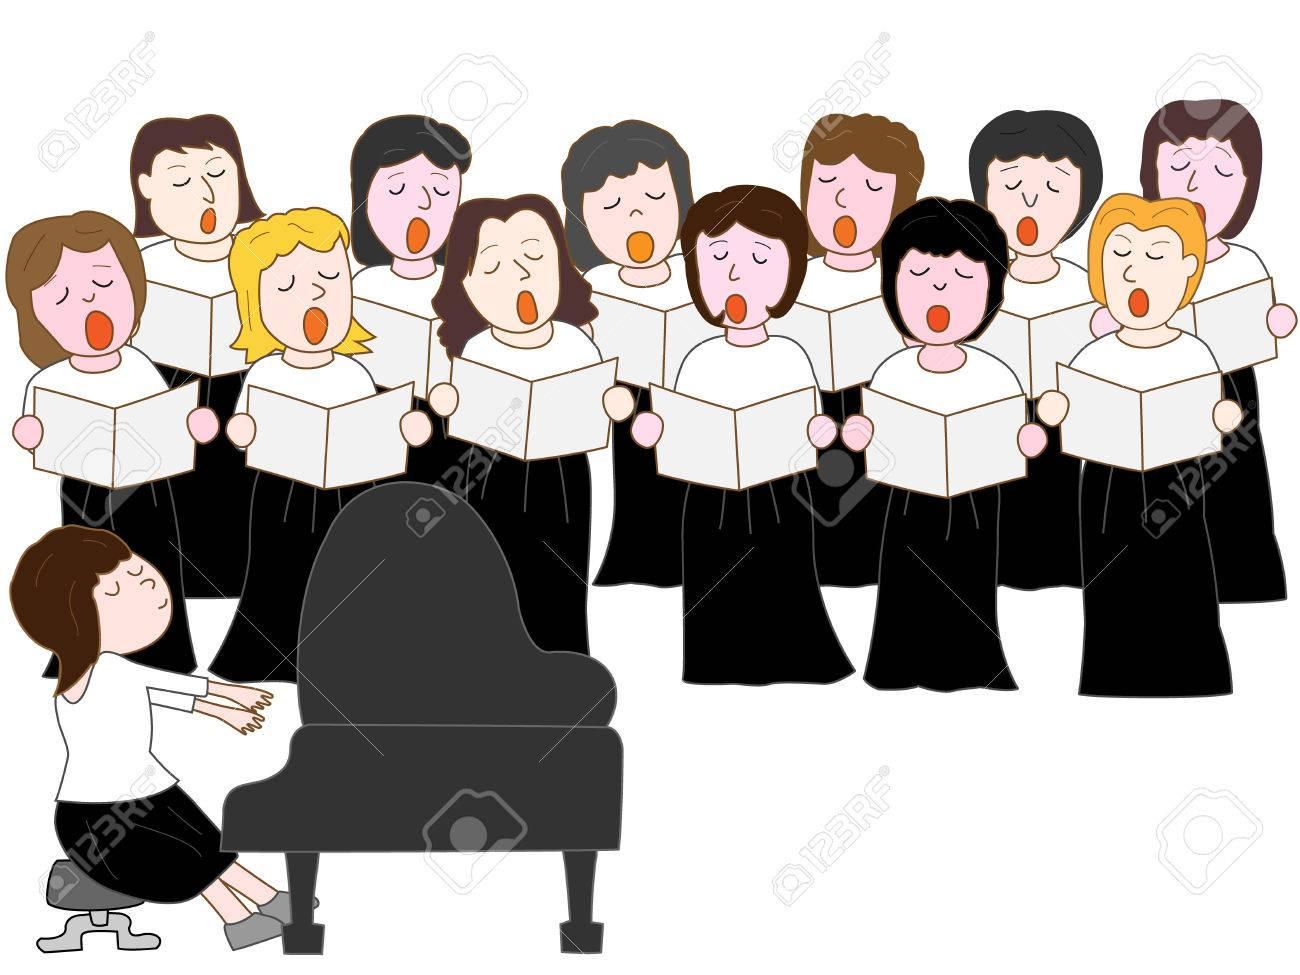 choir clipart party